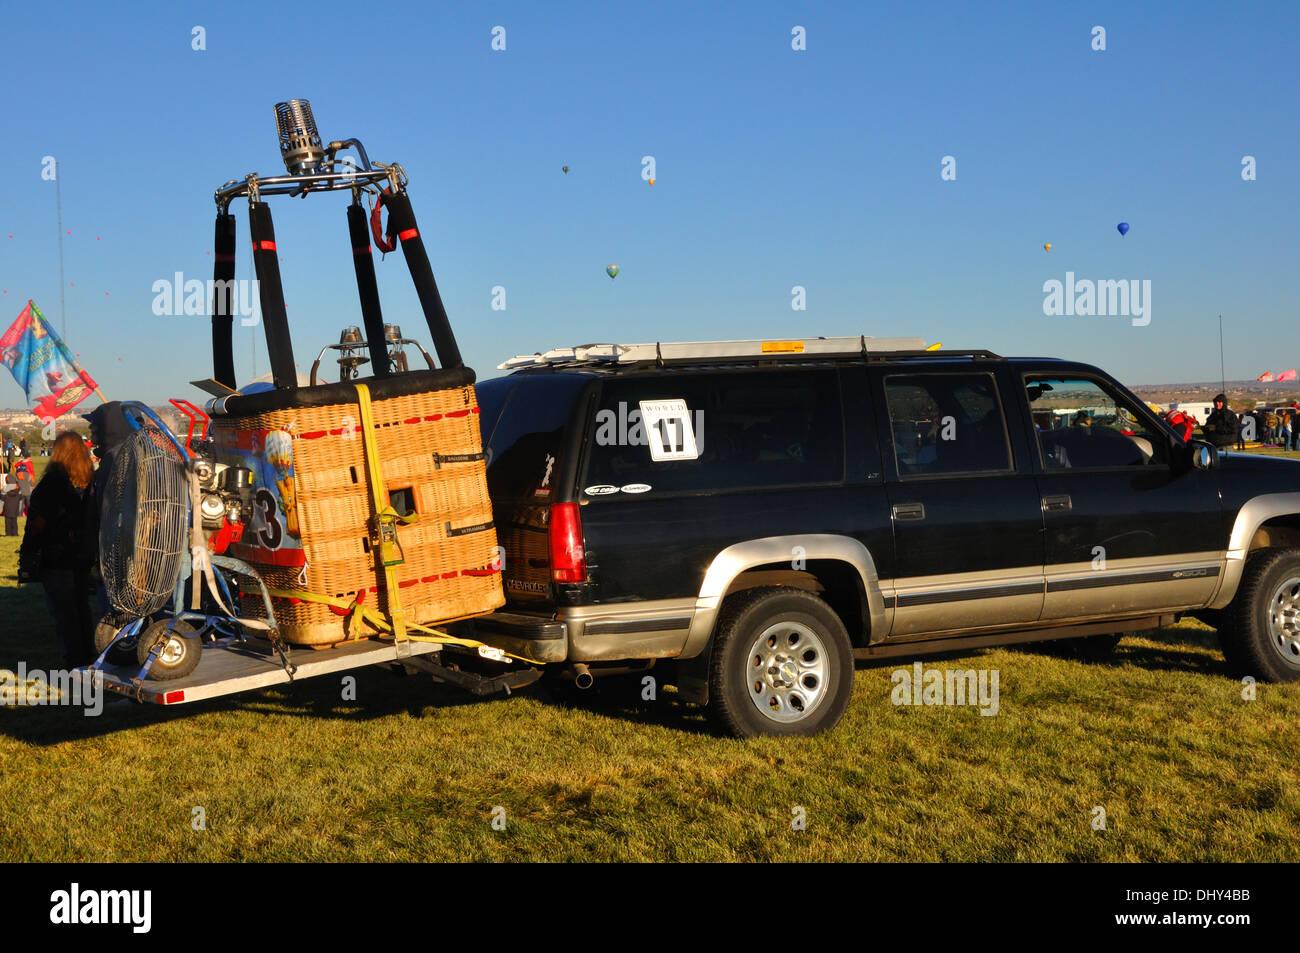 Hot air balloon chase team, The Albuquerque International Balloon Fiesta in Albuquerque, New Mexico, USA Stock Photo